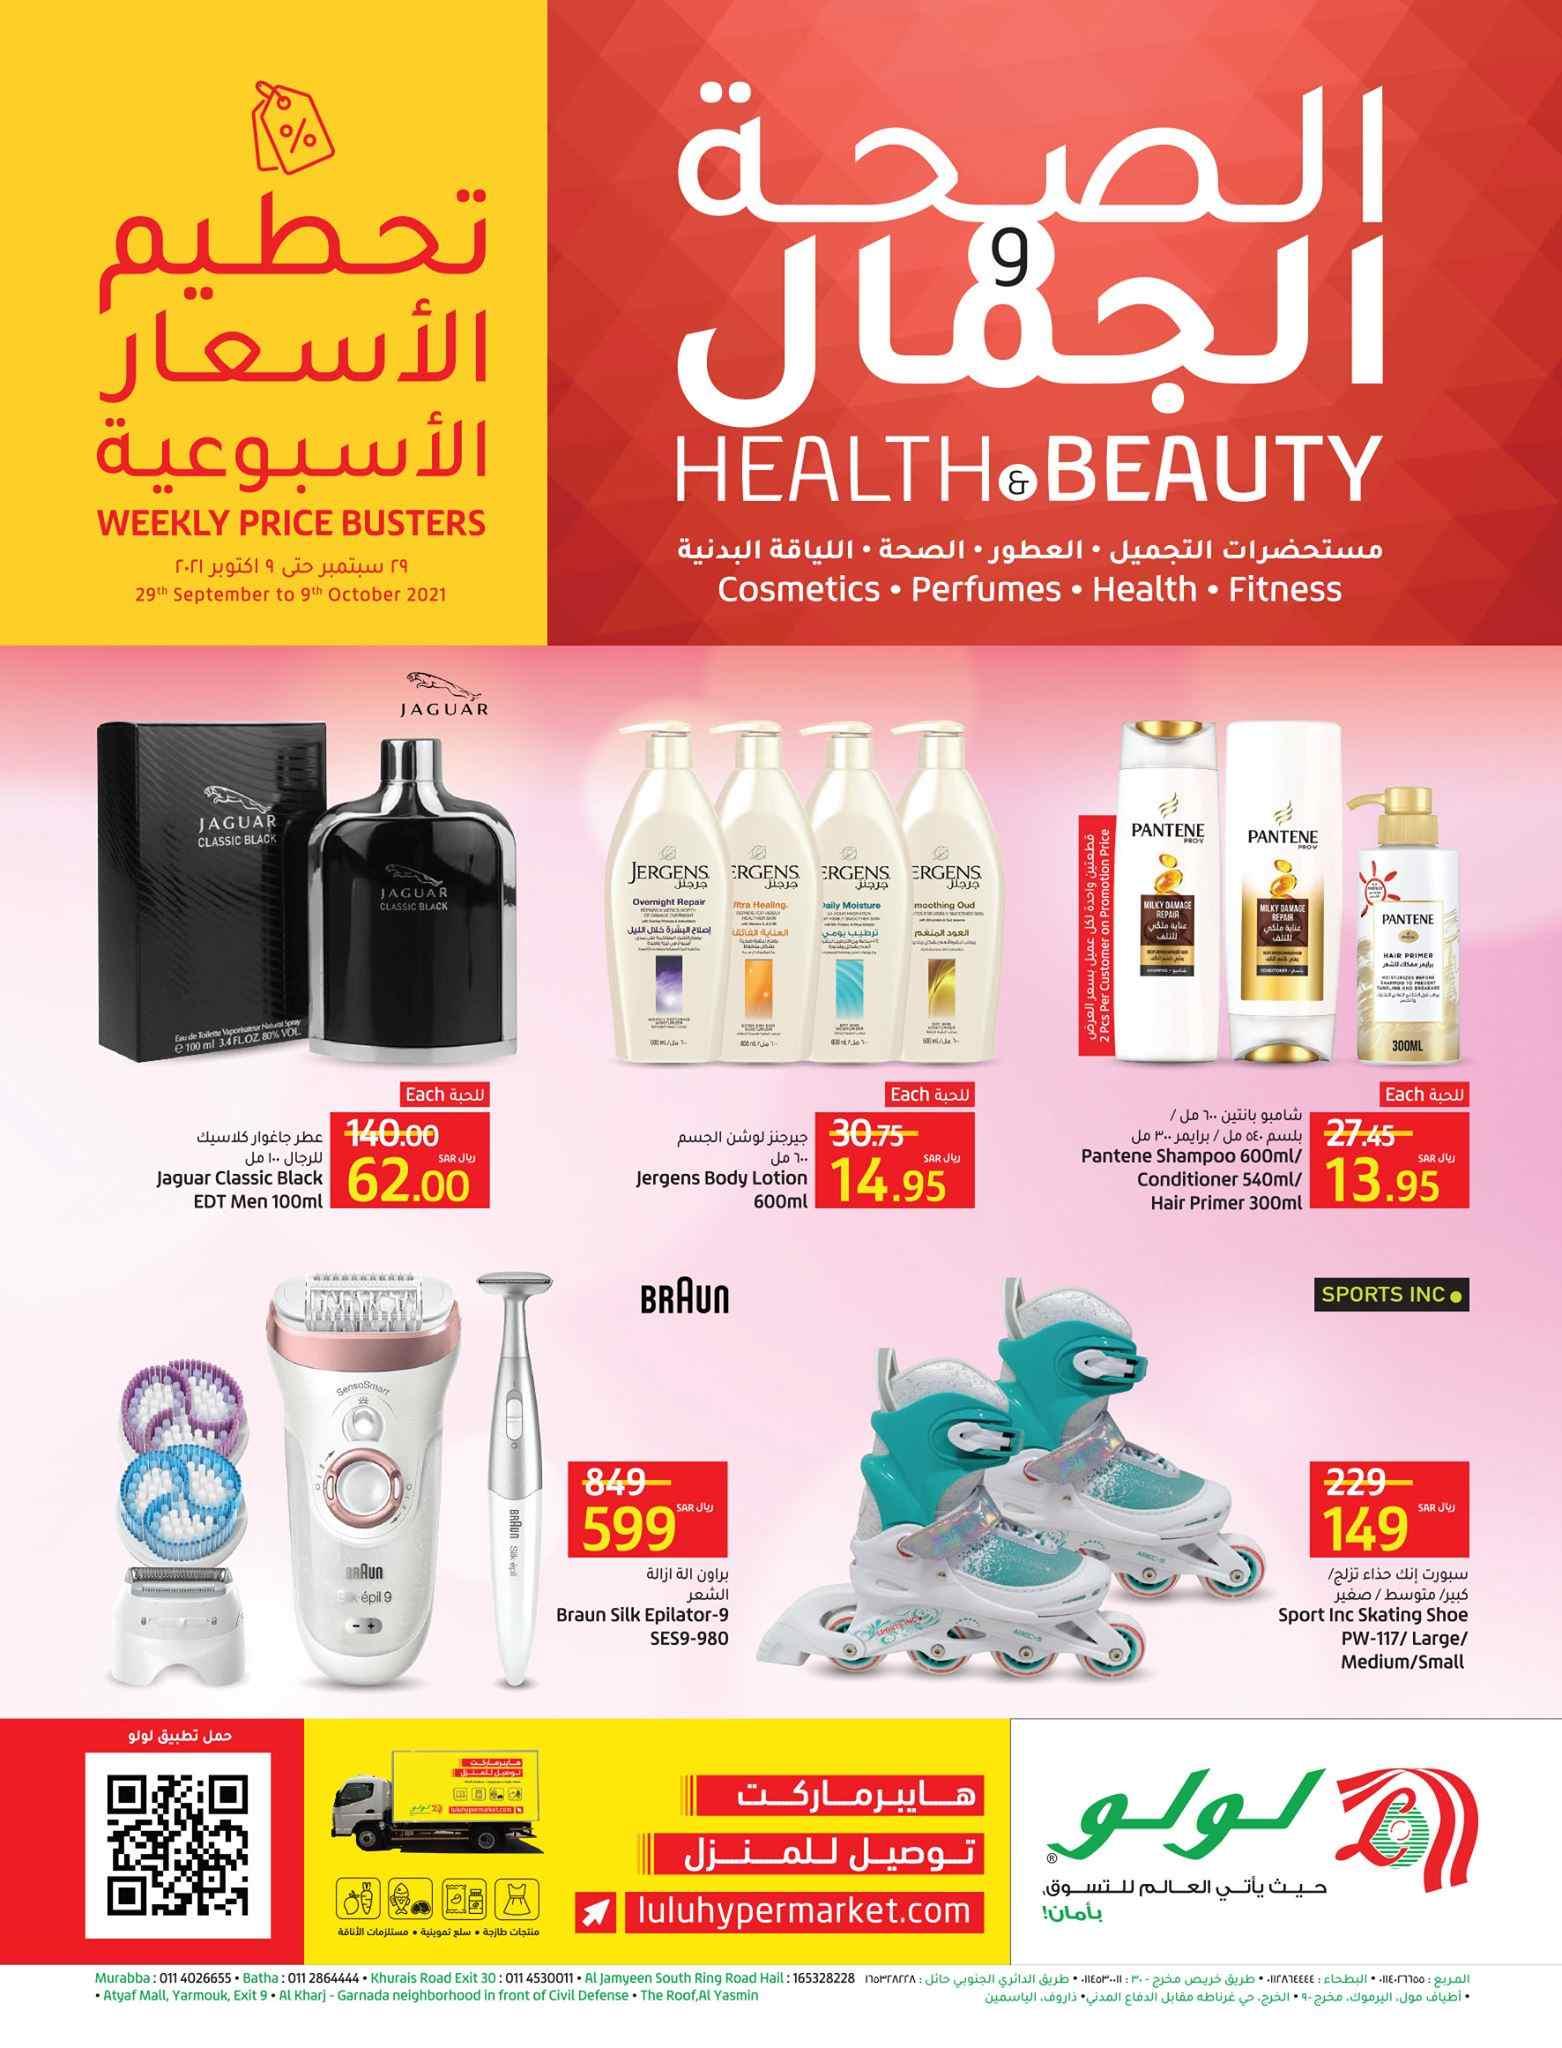 عروض لولو الرياض اليوم 29 سبتمبر حتى 9 اكتوبر 2021 الصحة والجمال